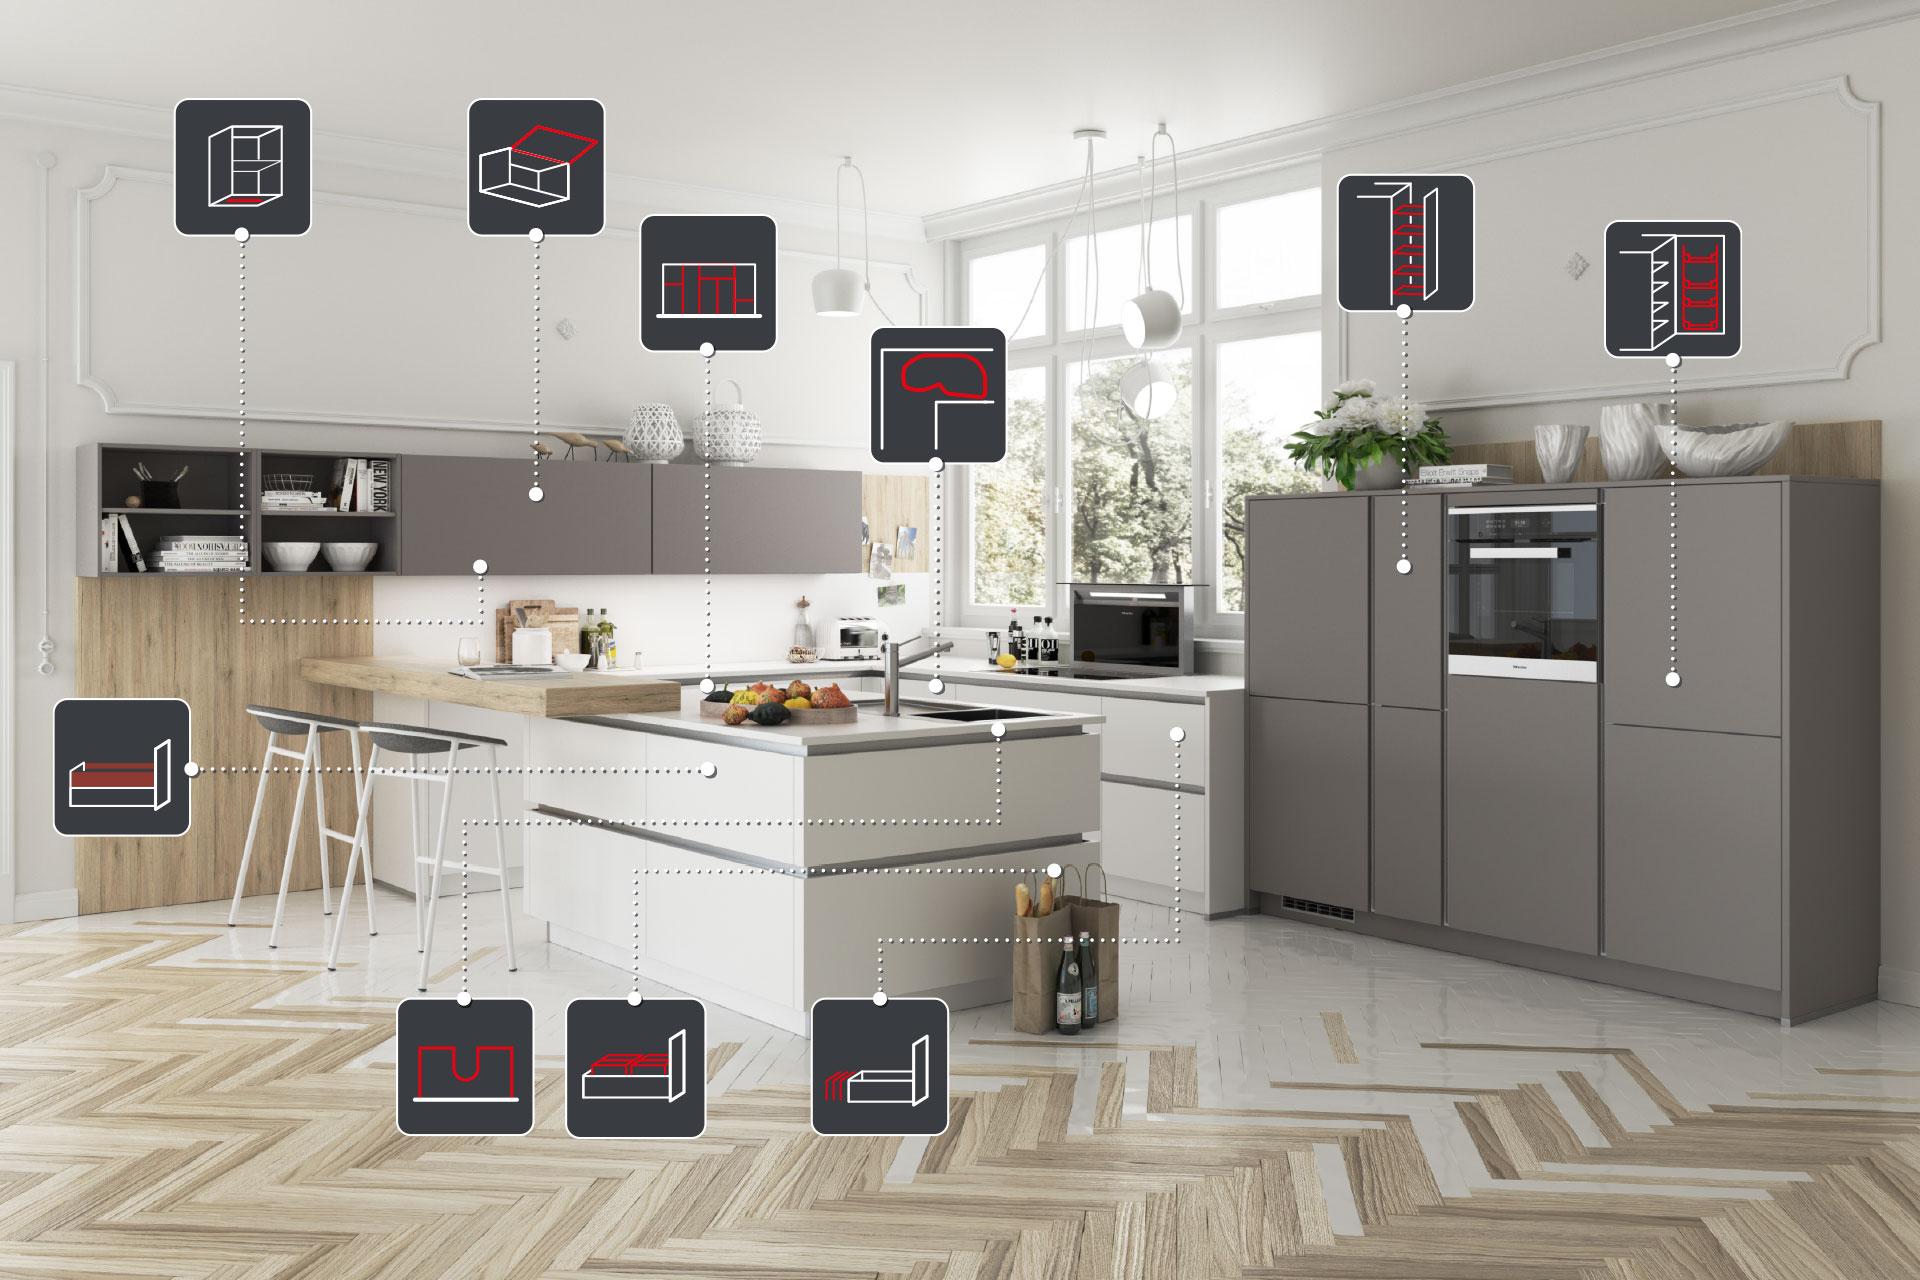 Full Size of Led Panel Küche Decke Led Unterbauleuchte Küche Panel Led Panel Küche Dimmbar Led Panel Küchenrückwand Küche Led Panel Küche